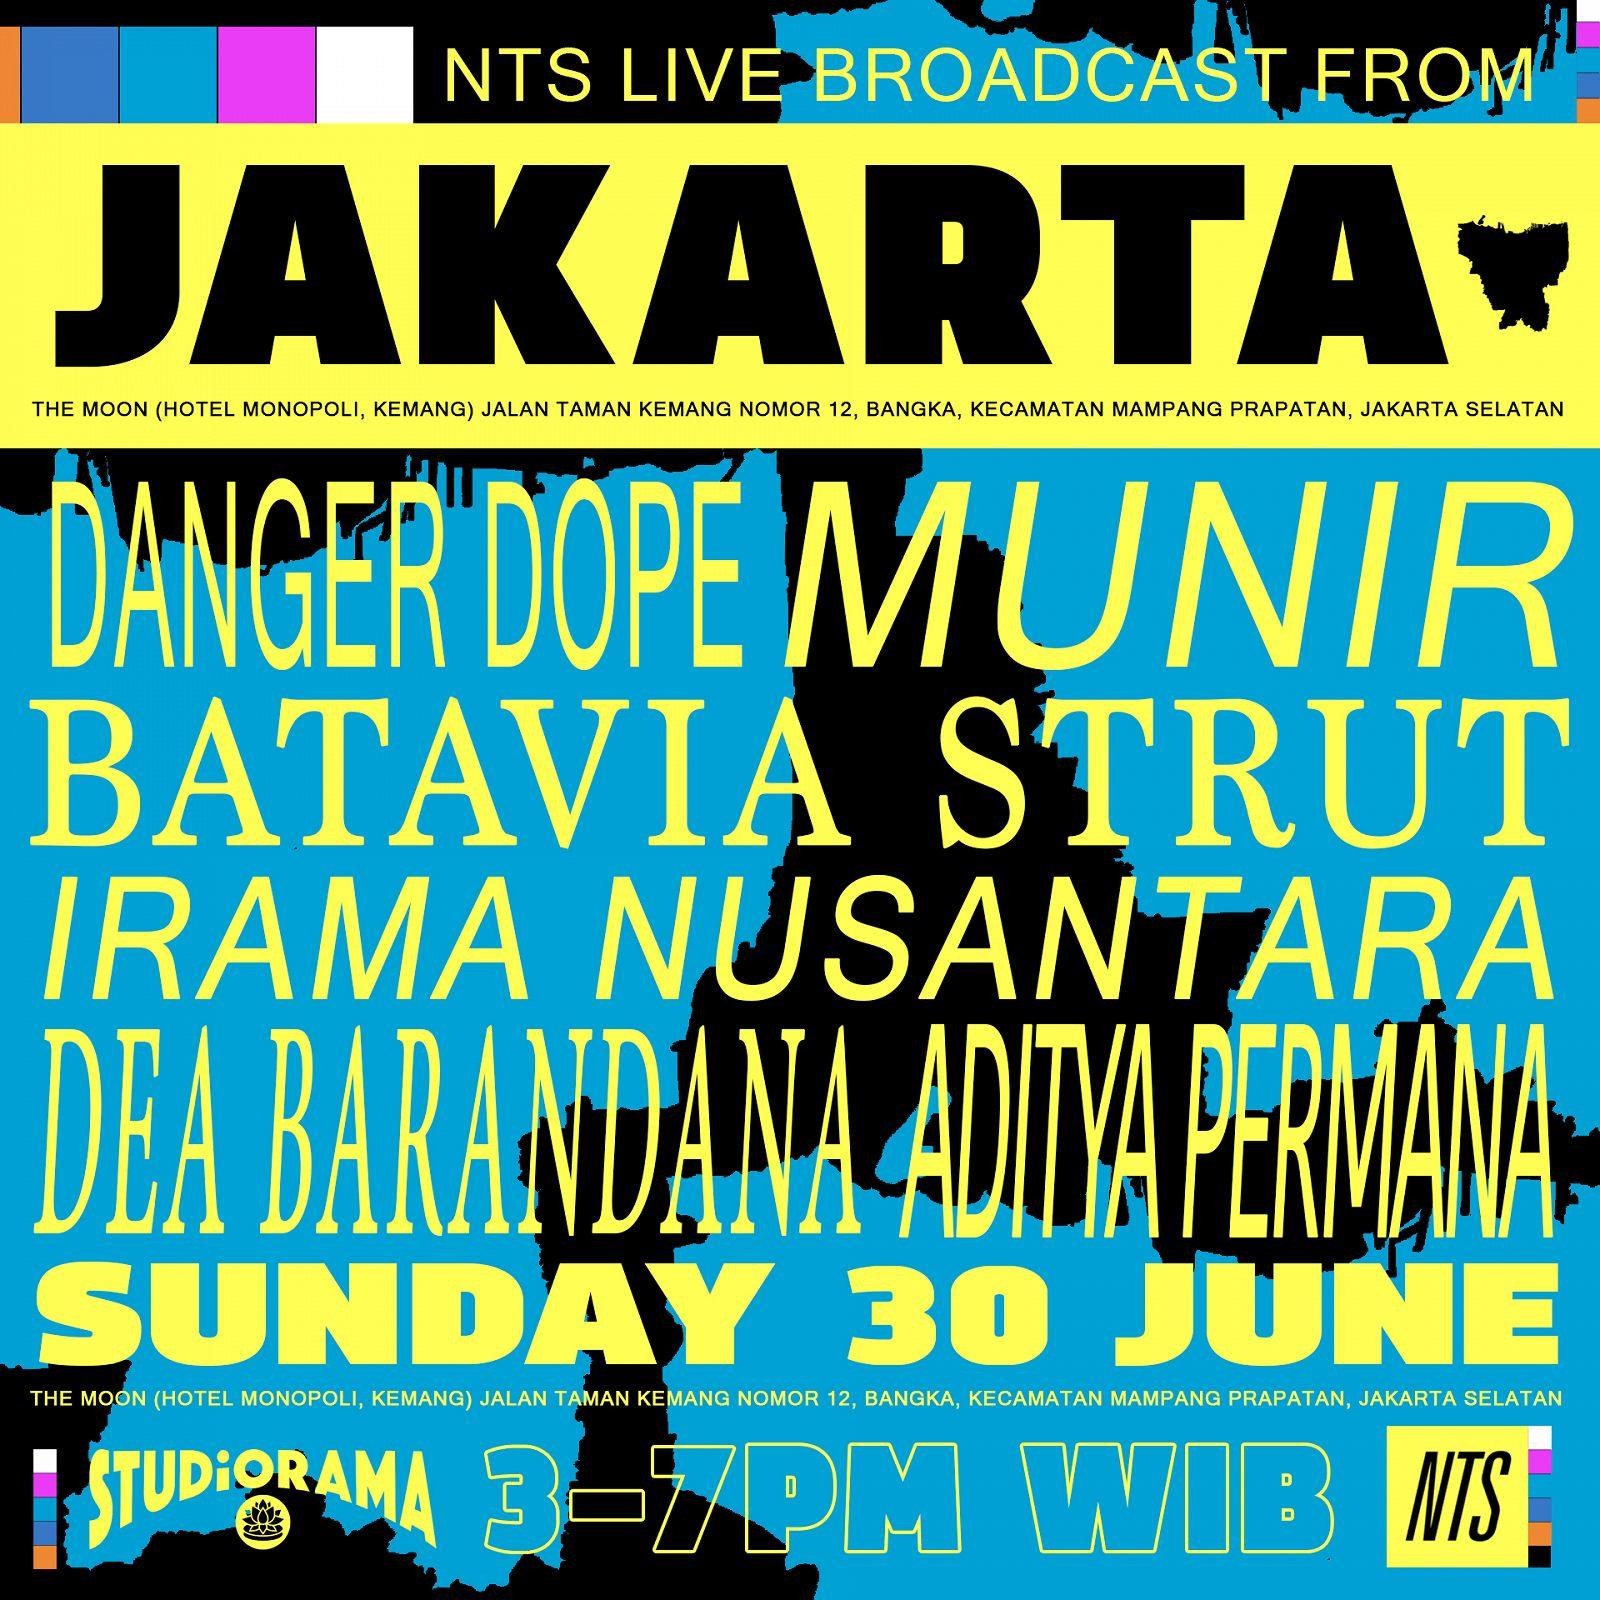 JAKARTA NTS.jpg